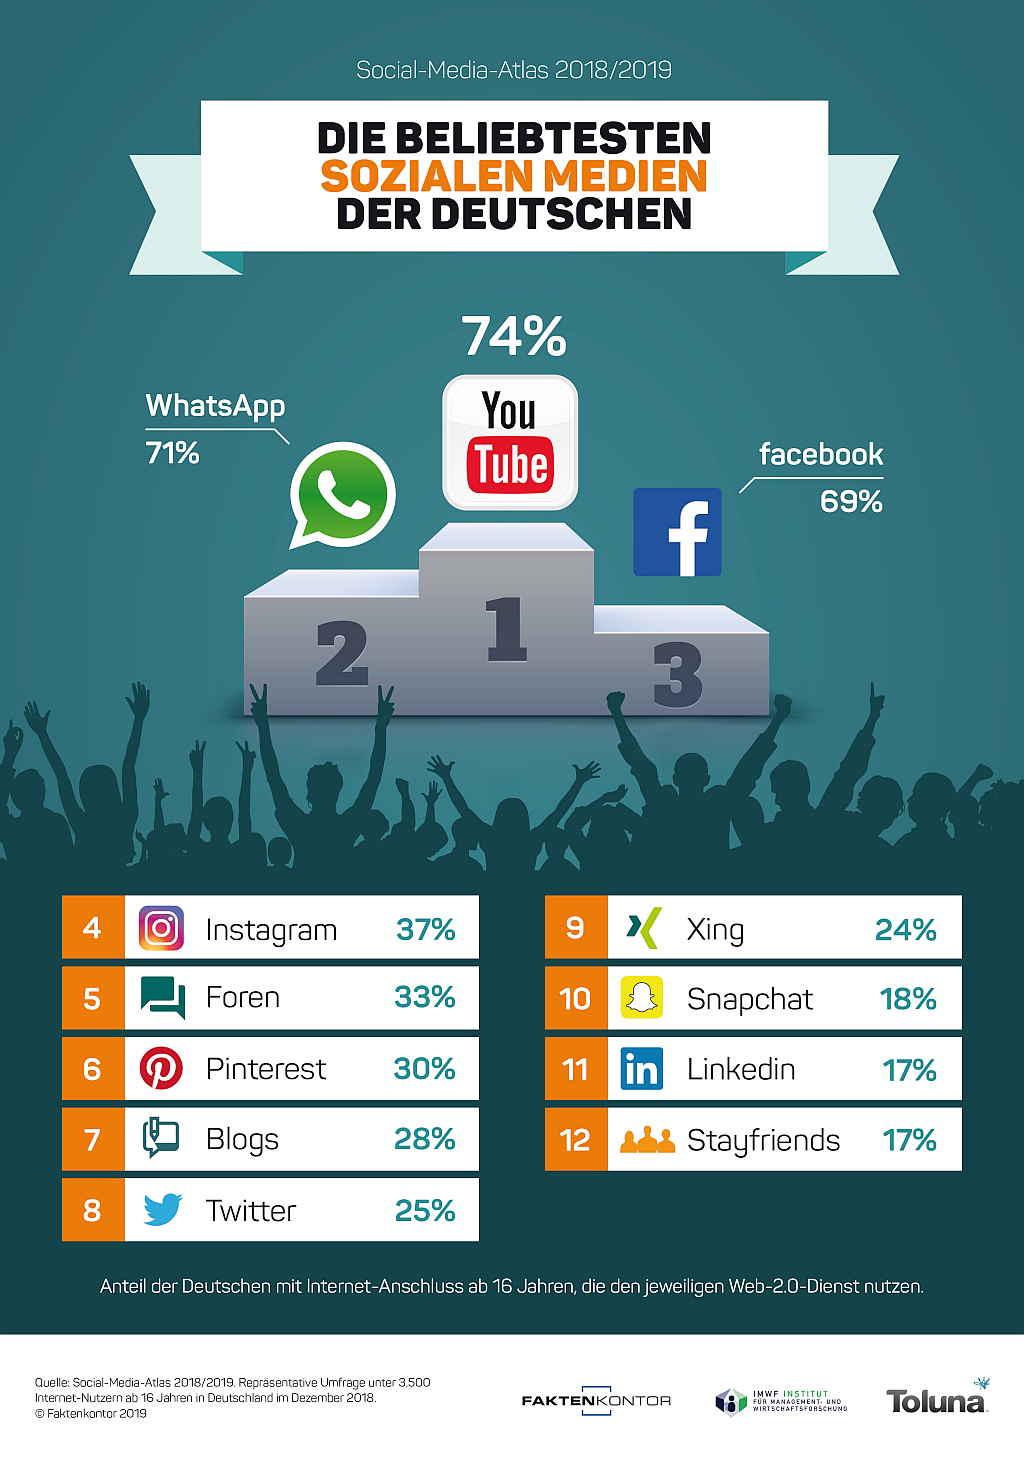 Infografik: Die beliebtesten Sozialen Medien der Deutschen